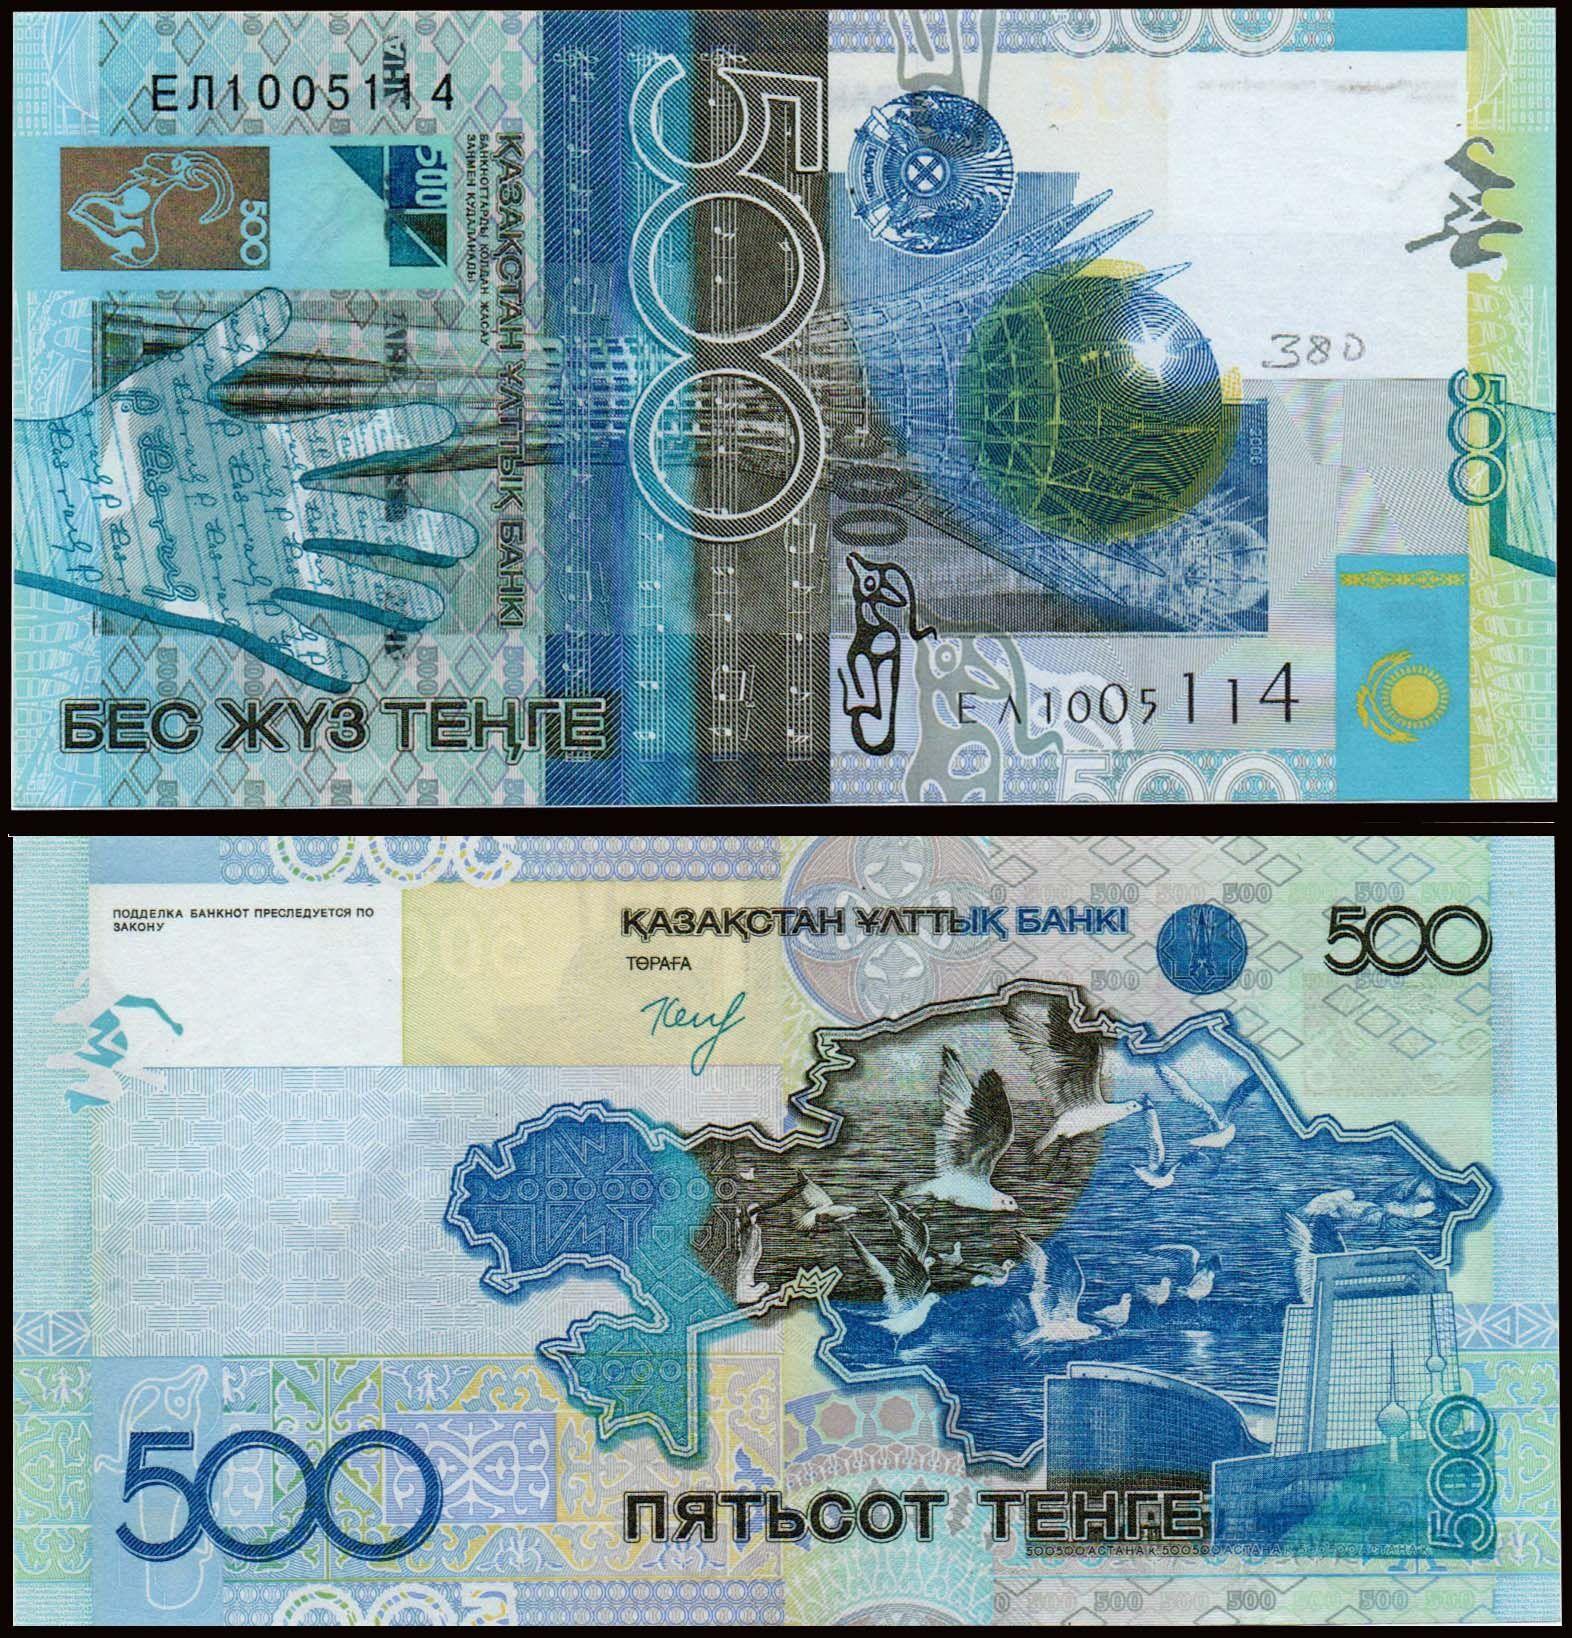 Kazakhstan 500 Tenge Used